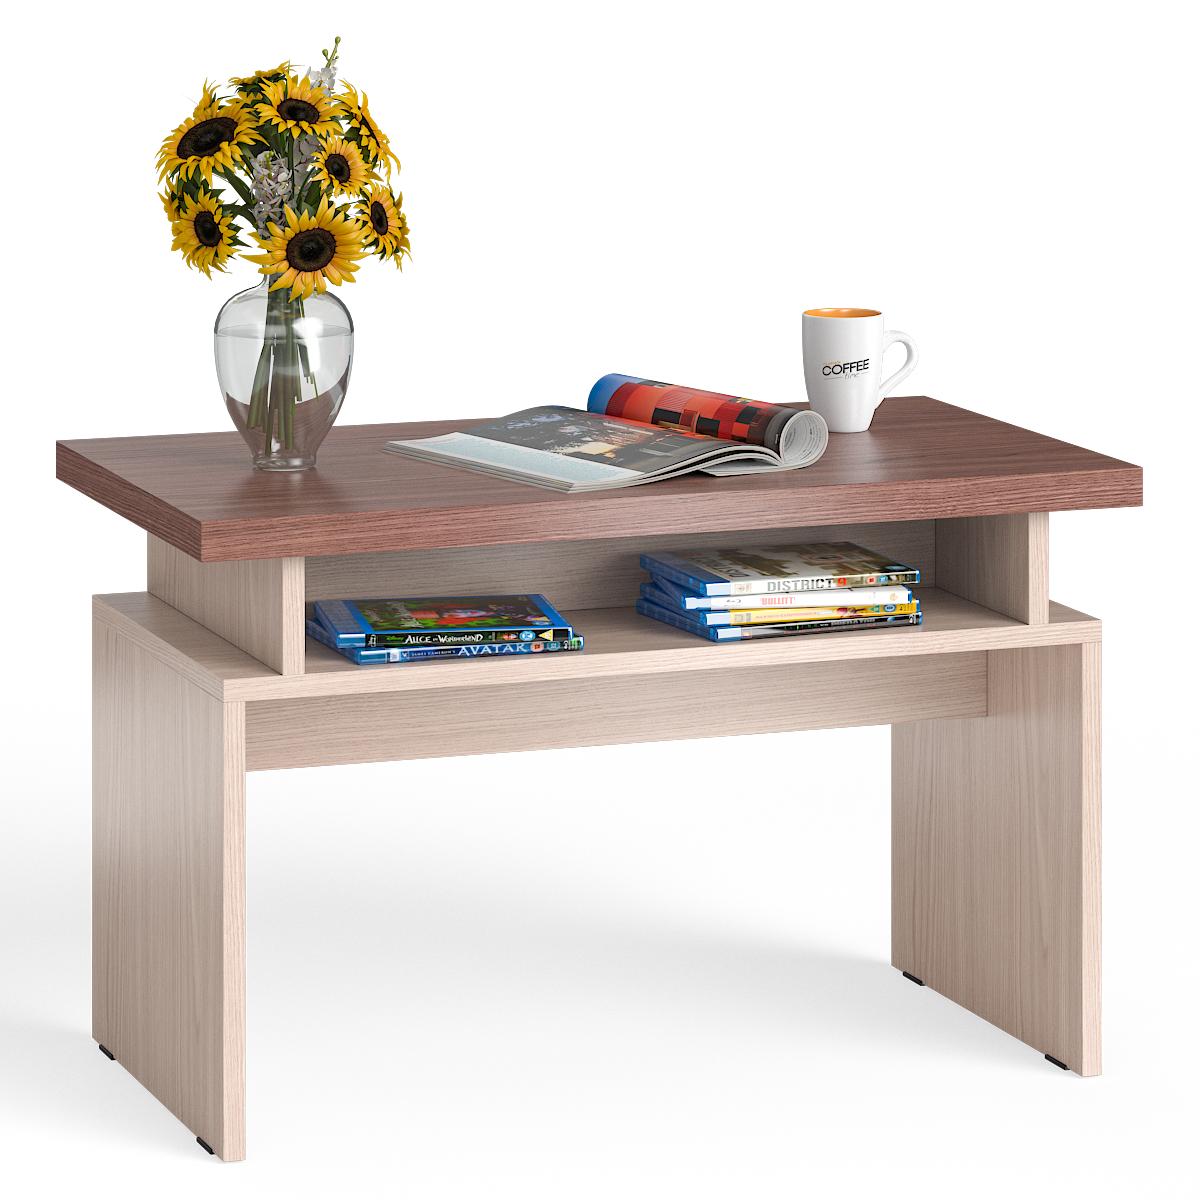 Стол журнальный Мебельный Двор СЖ-13 ясень шимо светлый/тёмный, 80,5х45,5х50 см